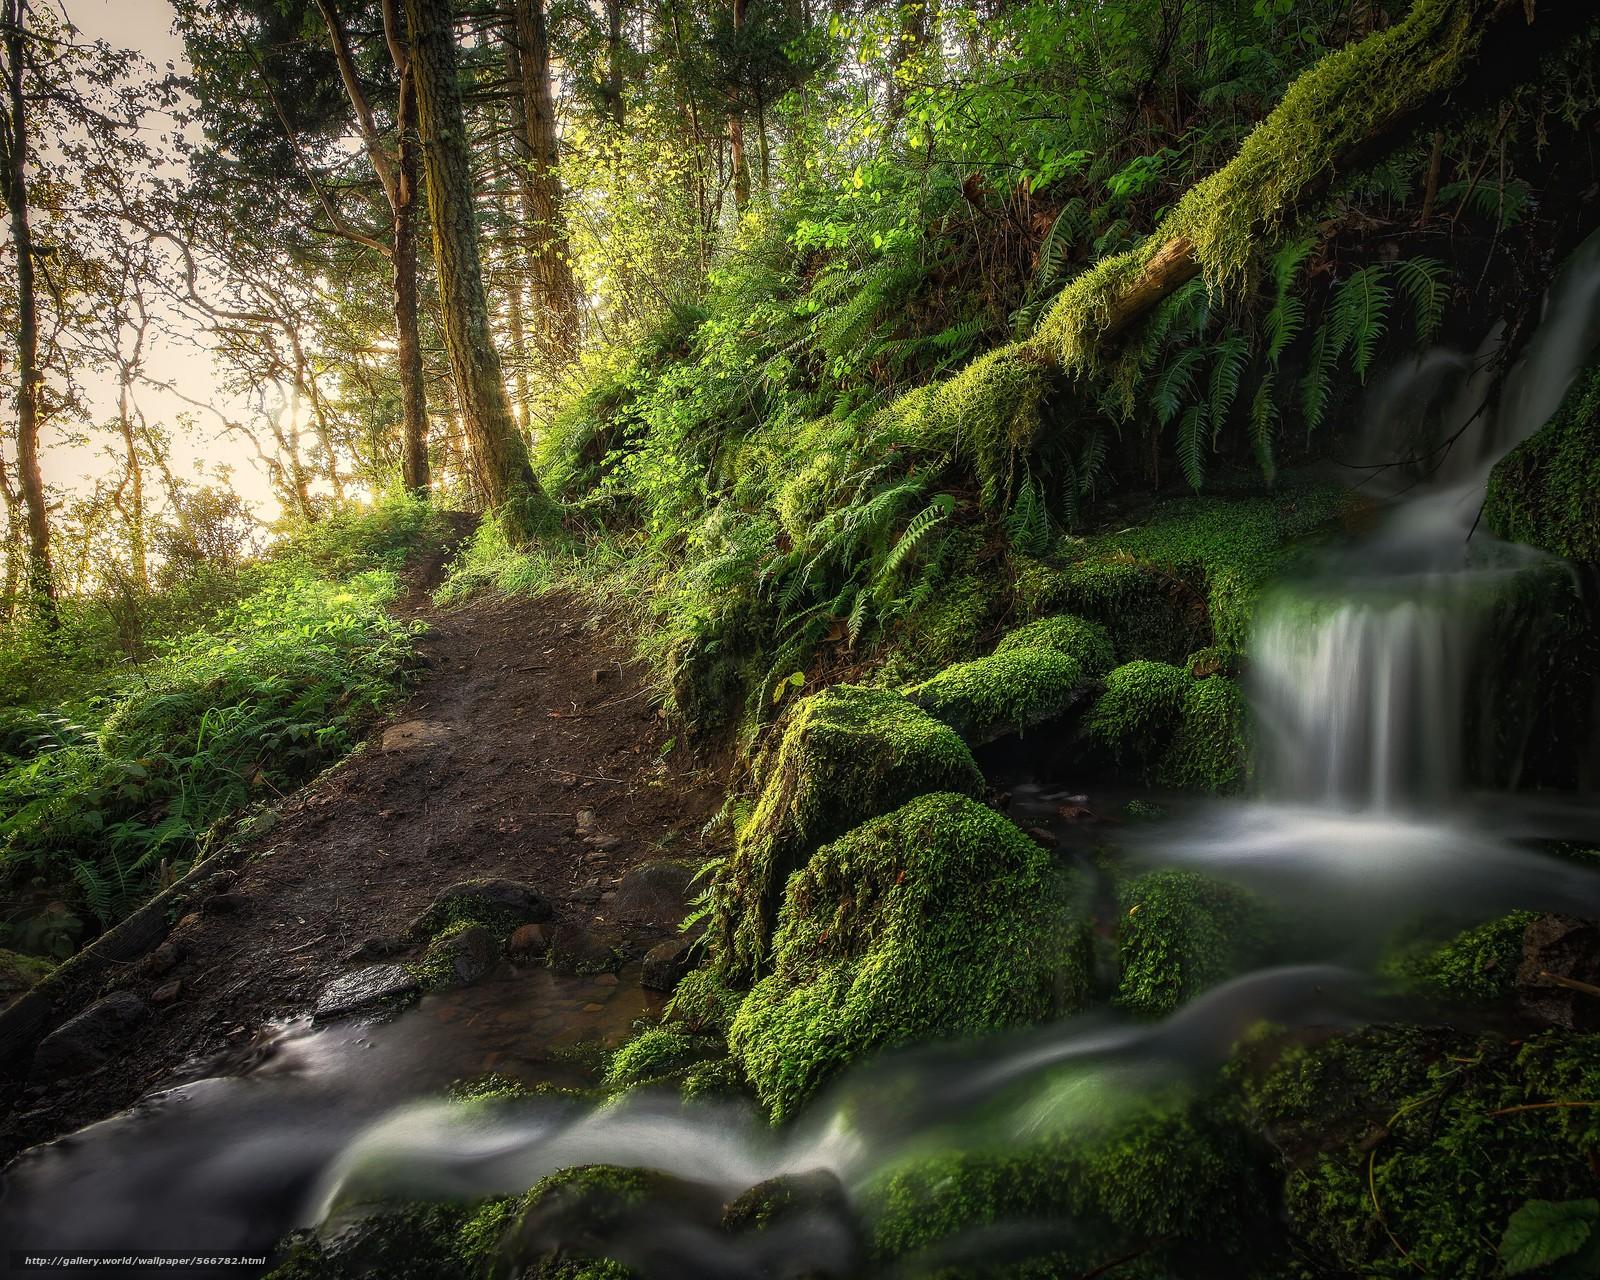 下载壁纸 森林,  树,  瀑布,  性质 免费为您的桌面分辨率的壁纸 4319x3455 — 图片 №566782